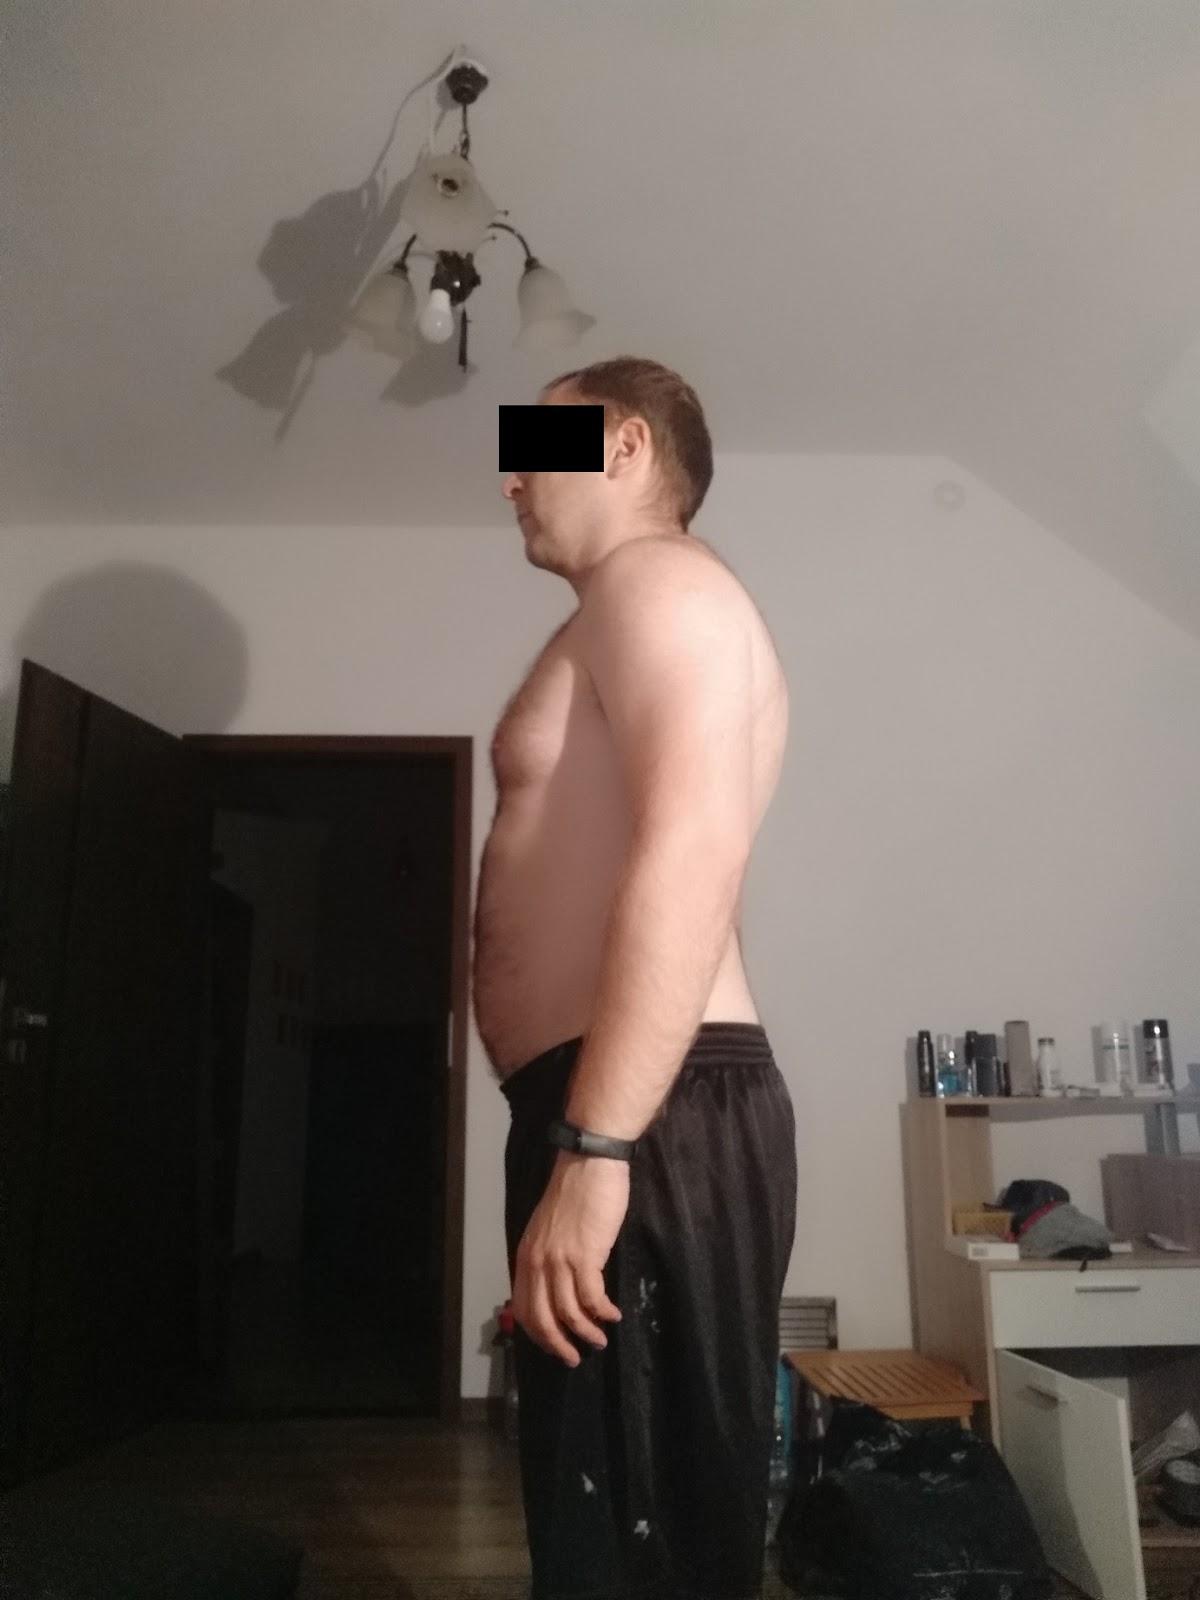 Chcę schudnąć: od czego zacząć? | Kompetentnie o zdrowiu na iLive